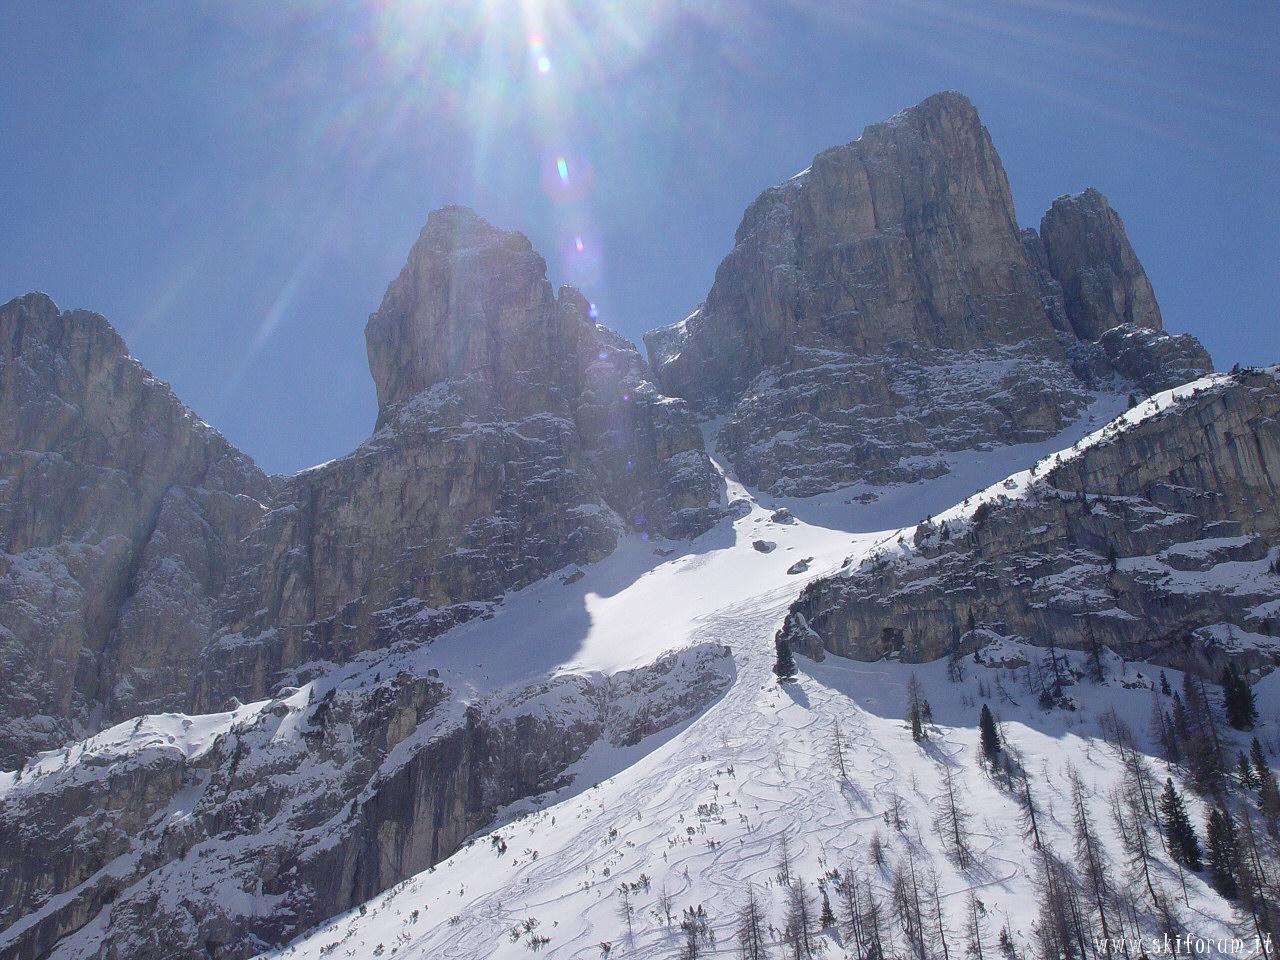 Sfondi paesaggi innevati panorami for Paesaggi invernali per desktop